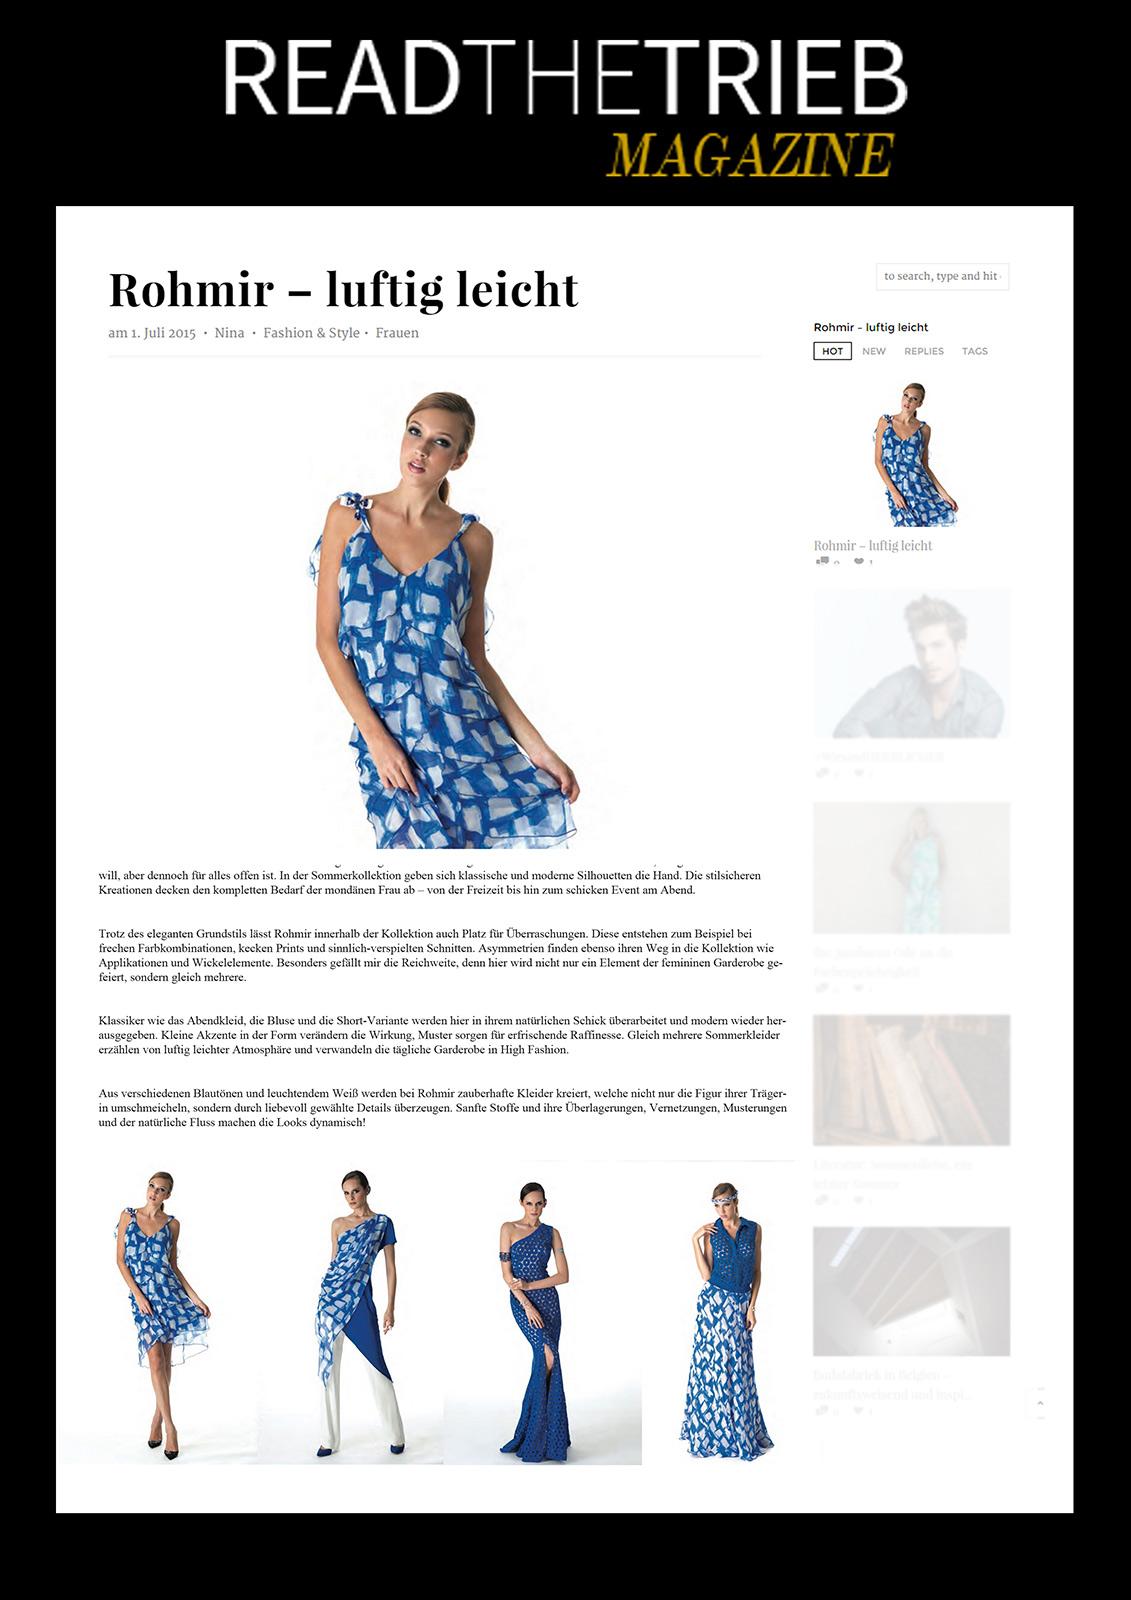 READTHETRIEB-MAGAZINE-ONLINE